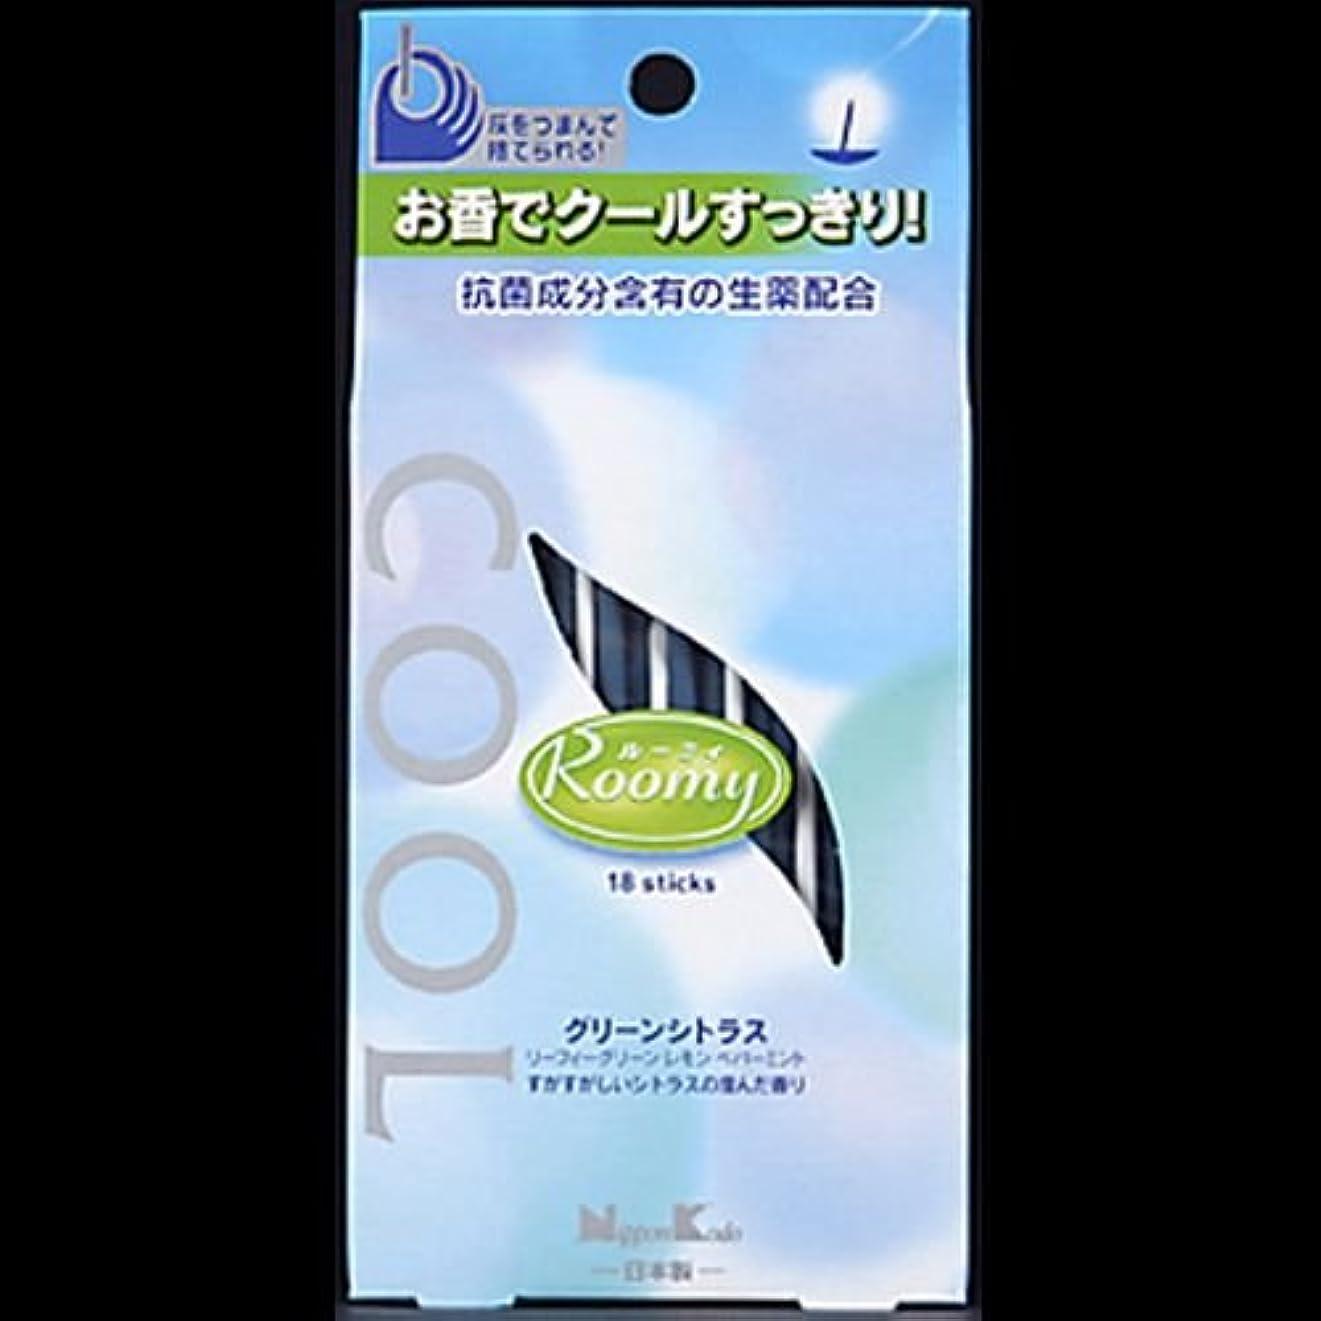 溶かすリーガン【まとめ買い】ルーミィ クール スティック 18本 ×2セット